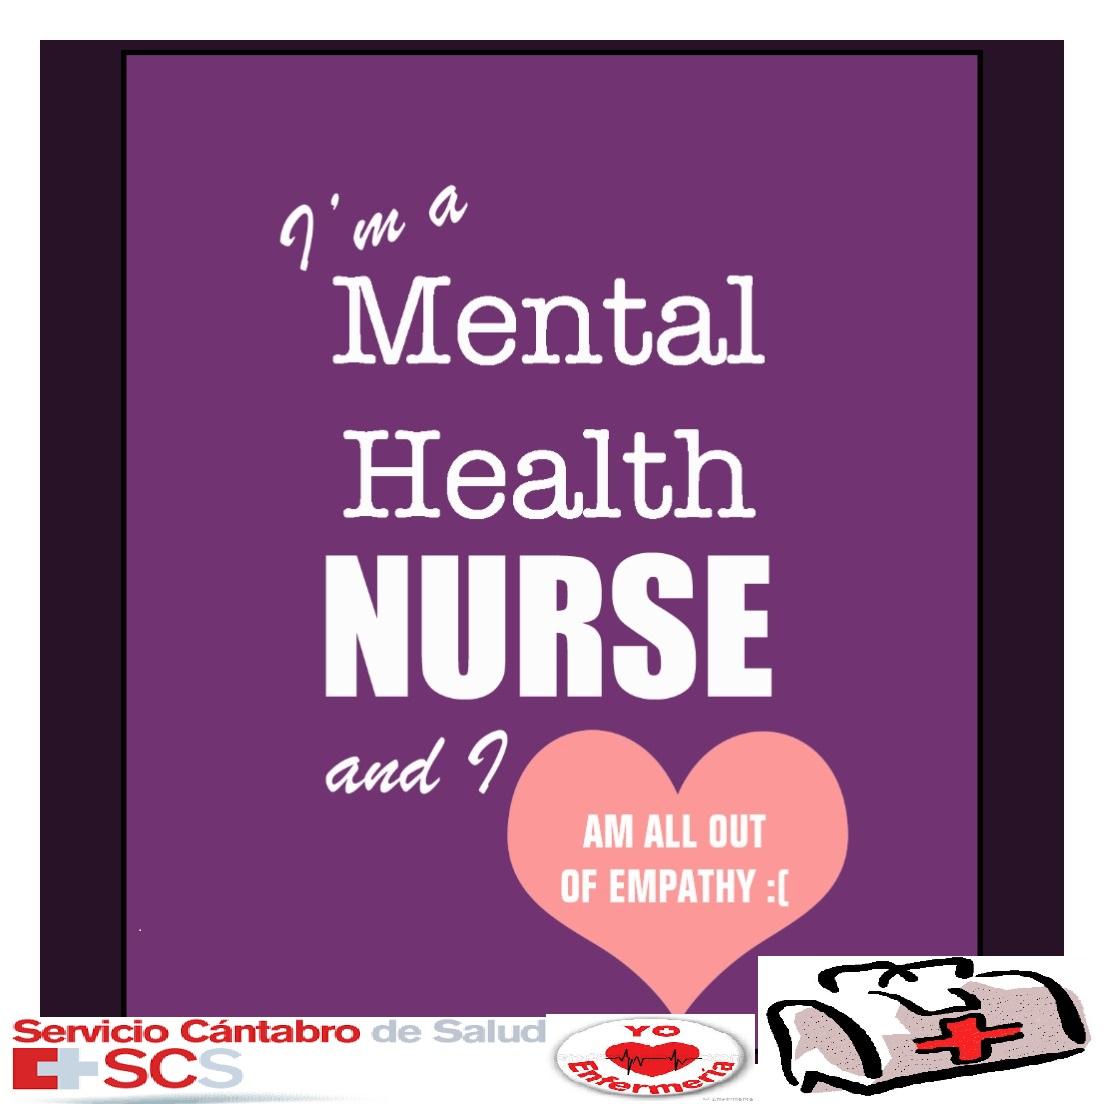 salud_mental_enfermera_toda_fuera_de_empatia_hu_camiseta-r1bc03c9df52e4a928b6543392c87eae0_ipbz6_1024